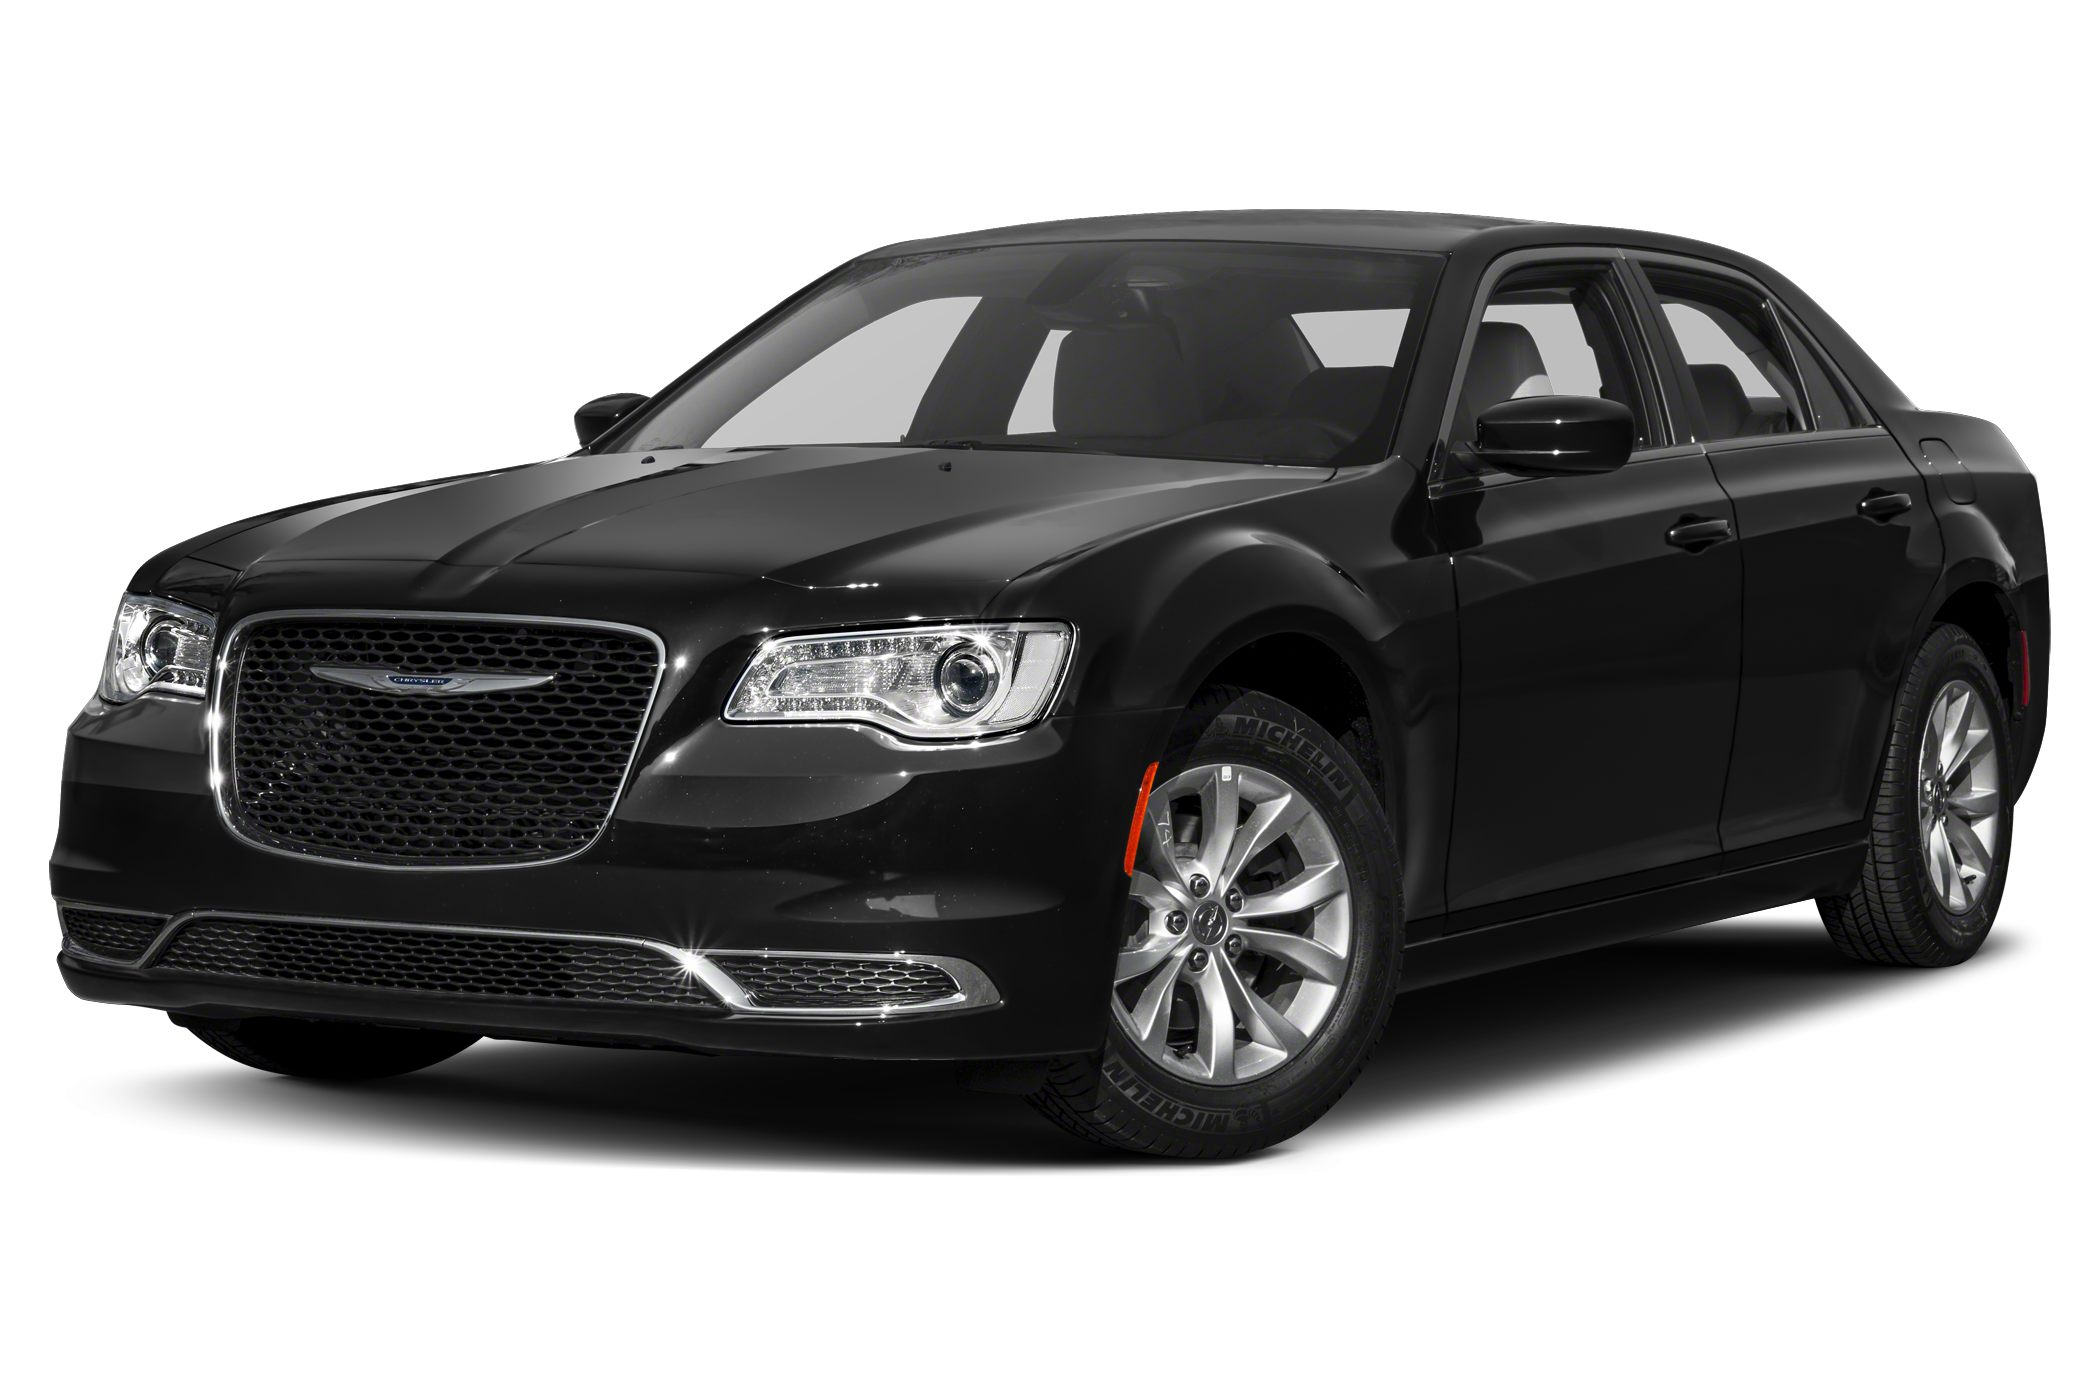 Chrysler 300 Full Hd